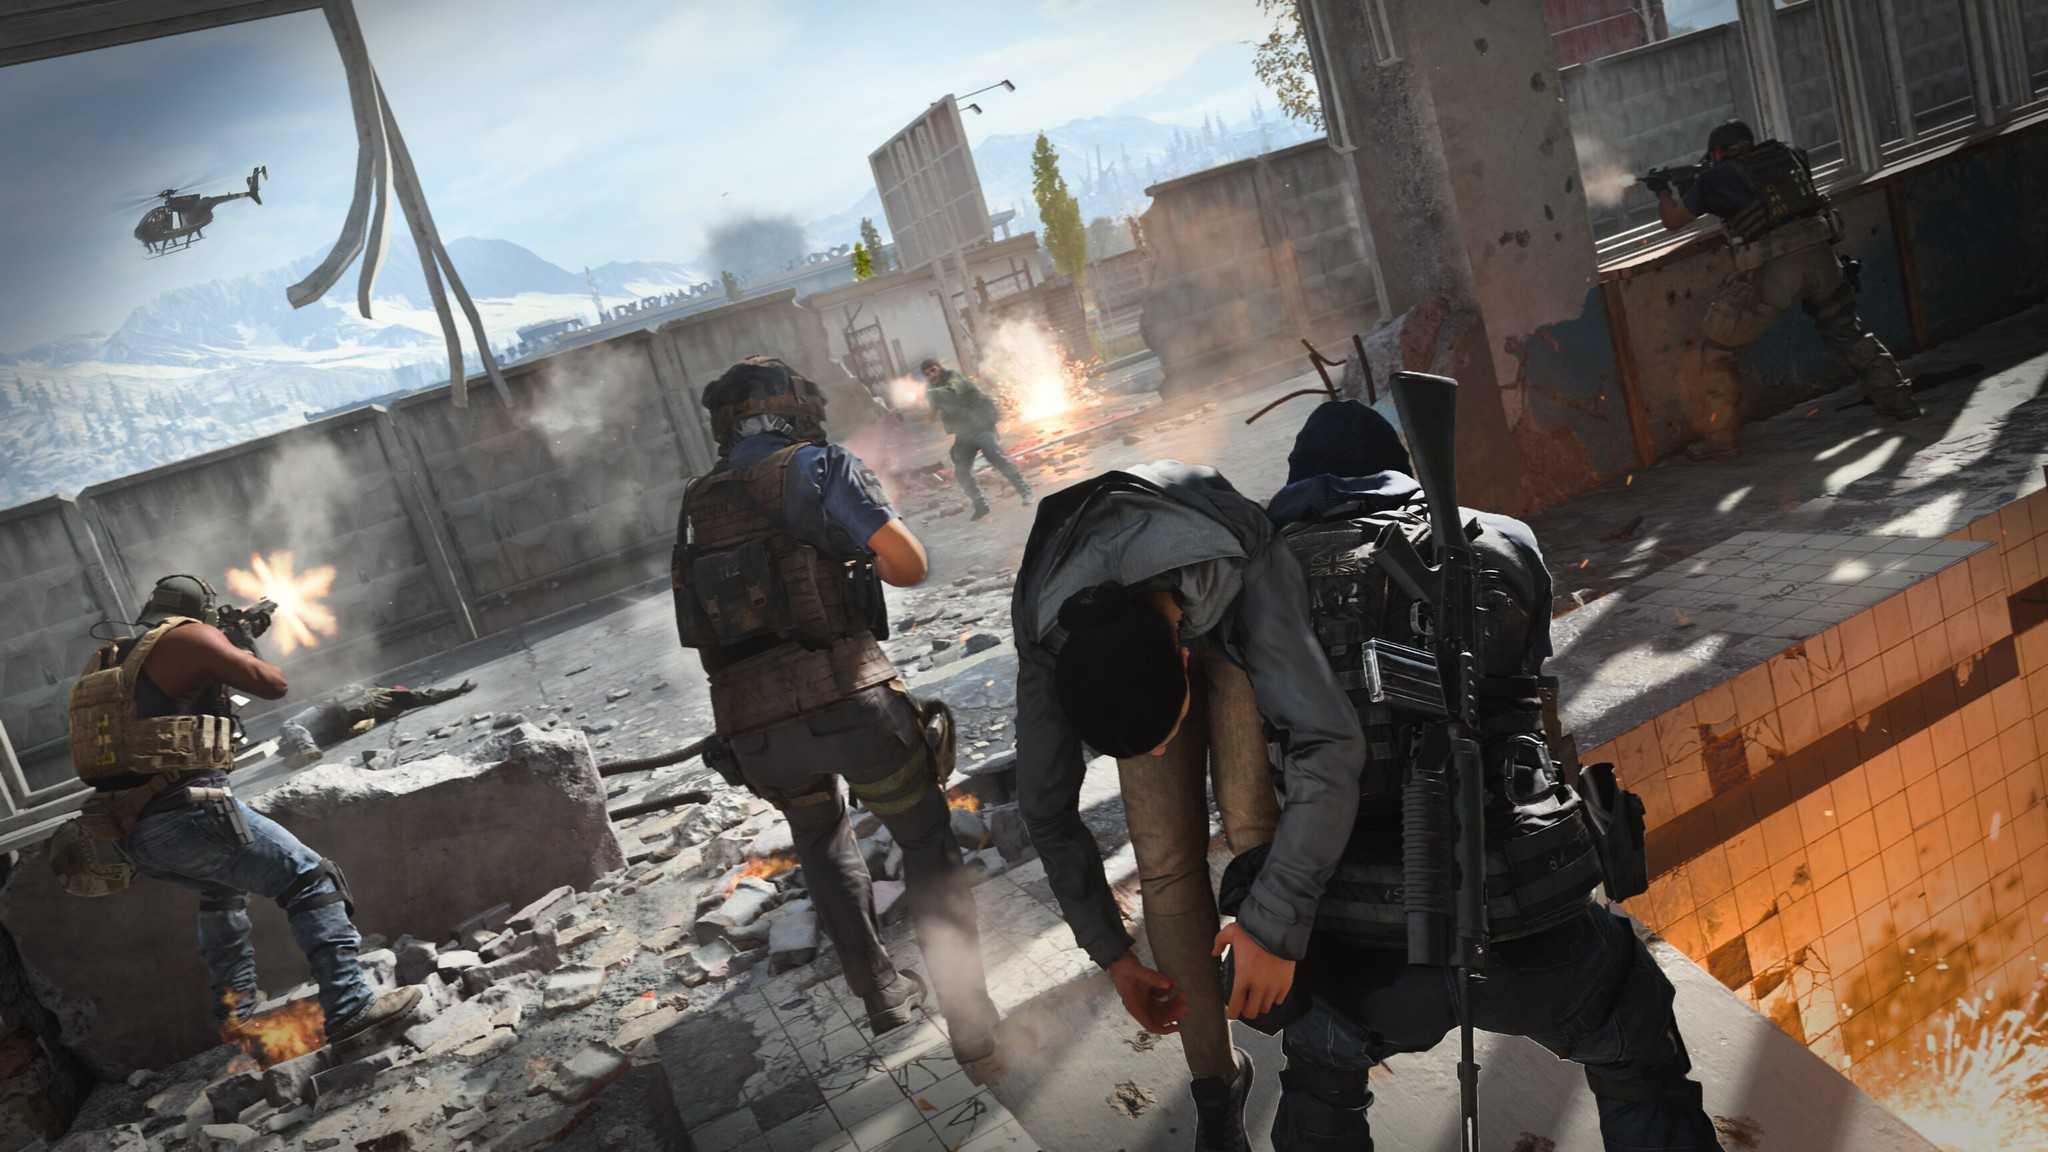 https://images.mein-mmo.de/magazin/medien/2019/12/Call-fo-Duty-Modern-Warfare-SpecOps-Mission.jpg